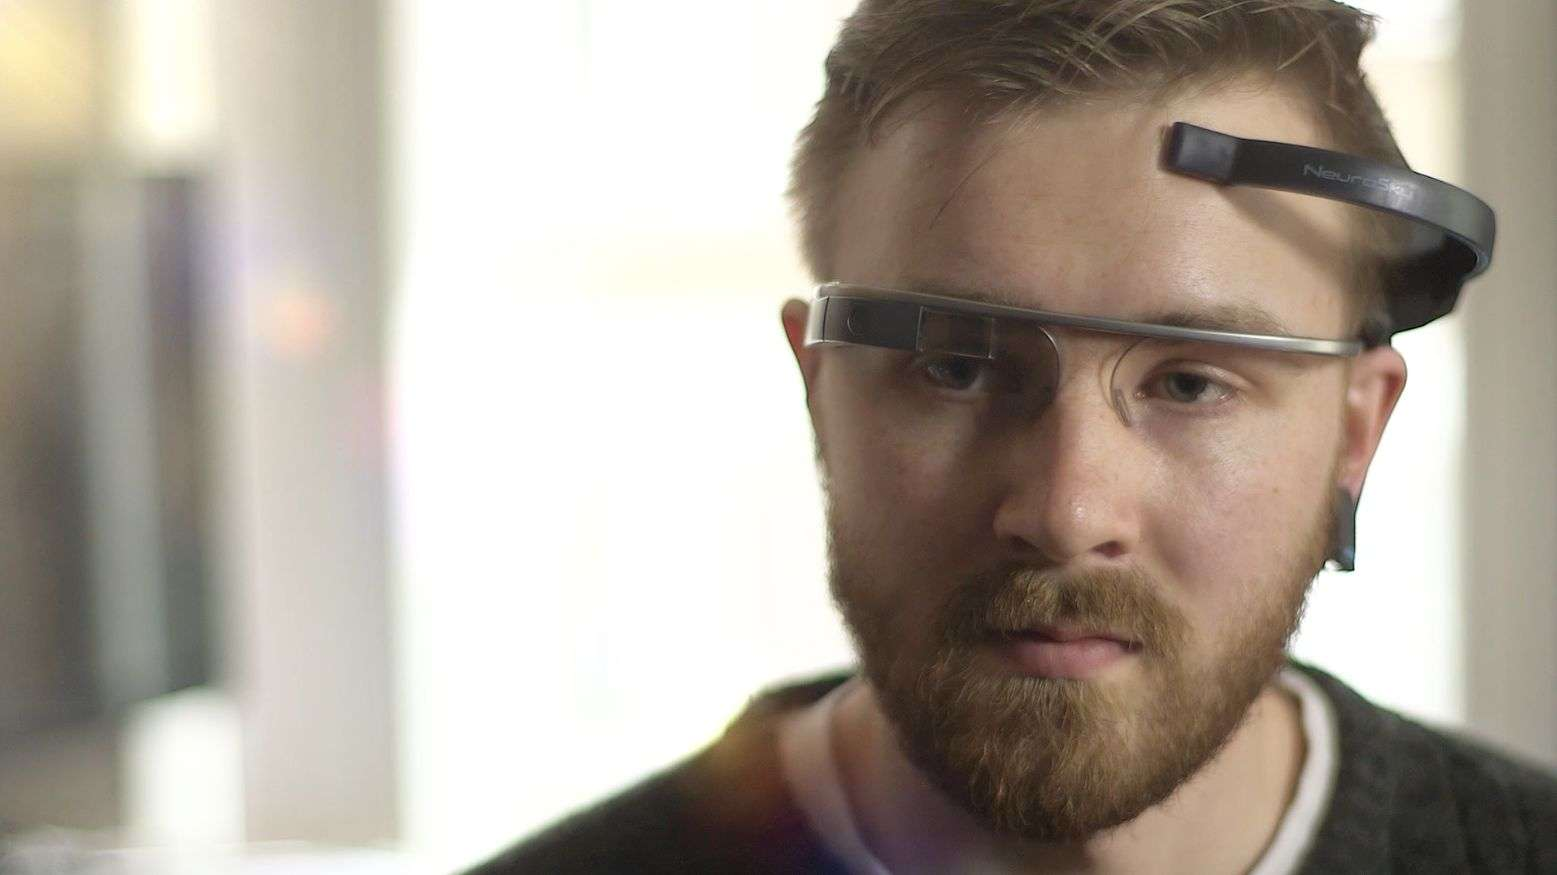 Le logiciel MindRDR transforme des enregistrements d'ondes cérébrales en commandes pour des lunettes Google Glass, munies d'un petit écran et d'un appareil photo. © MindRDR